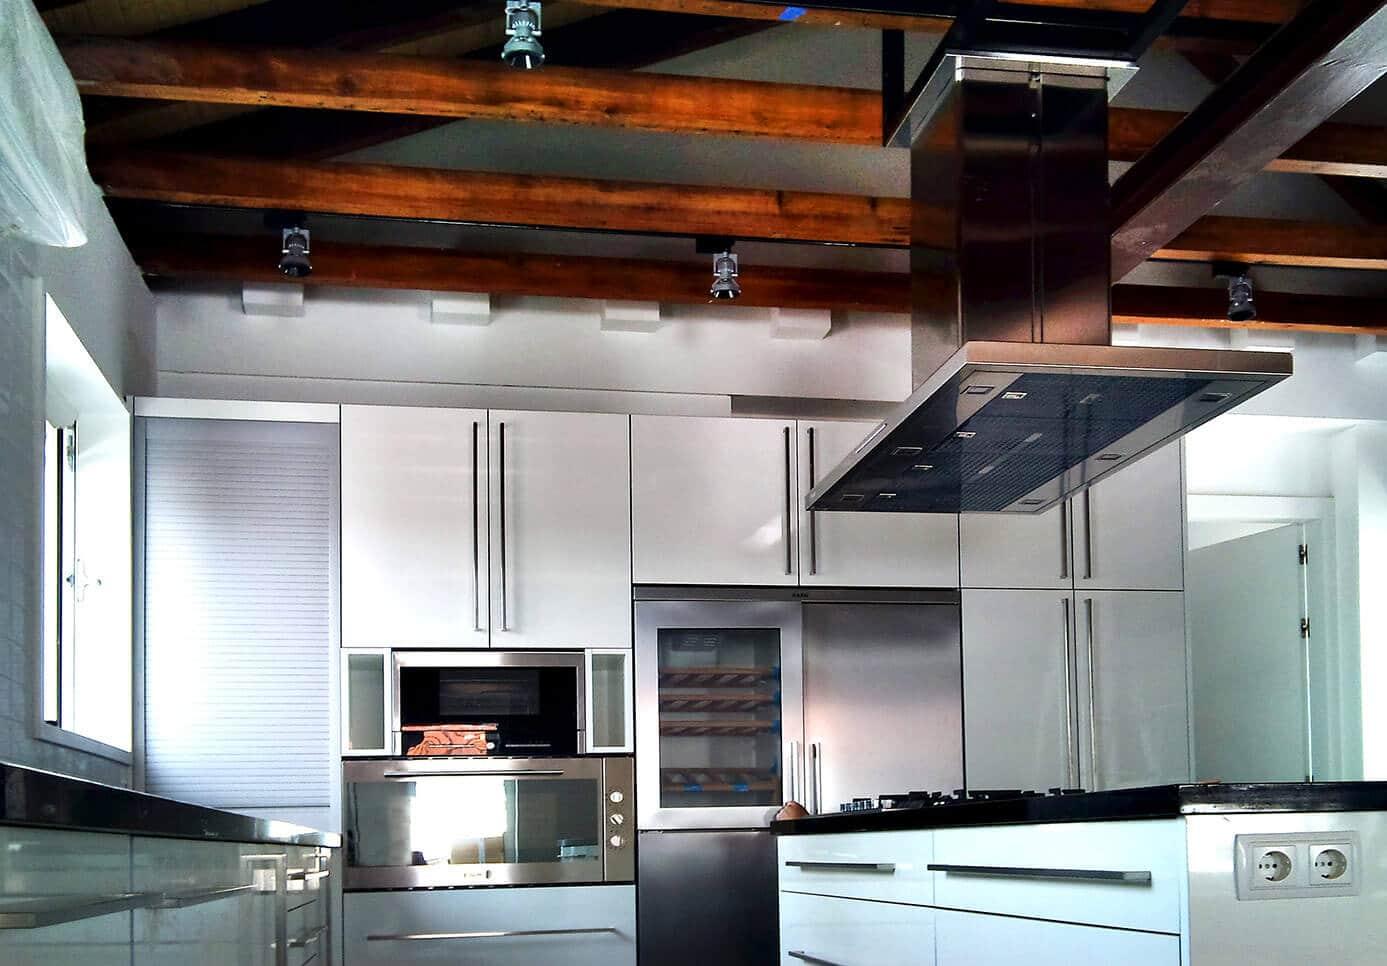 Fabricantes de muebles de cocina en barcelona arquitectura del hogar - Fabrica muebles barcelona ...